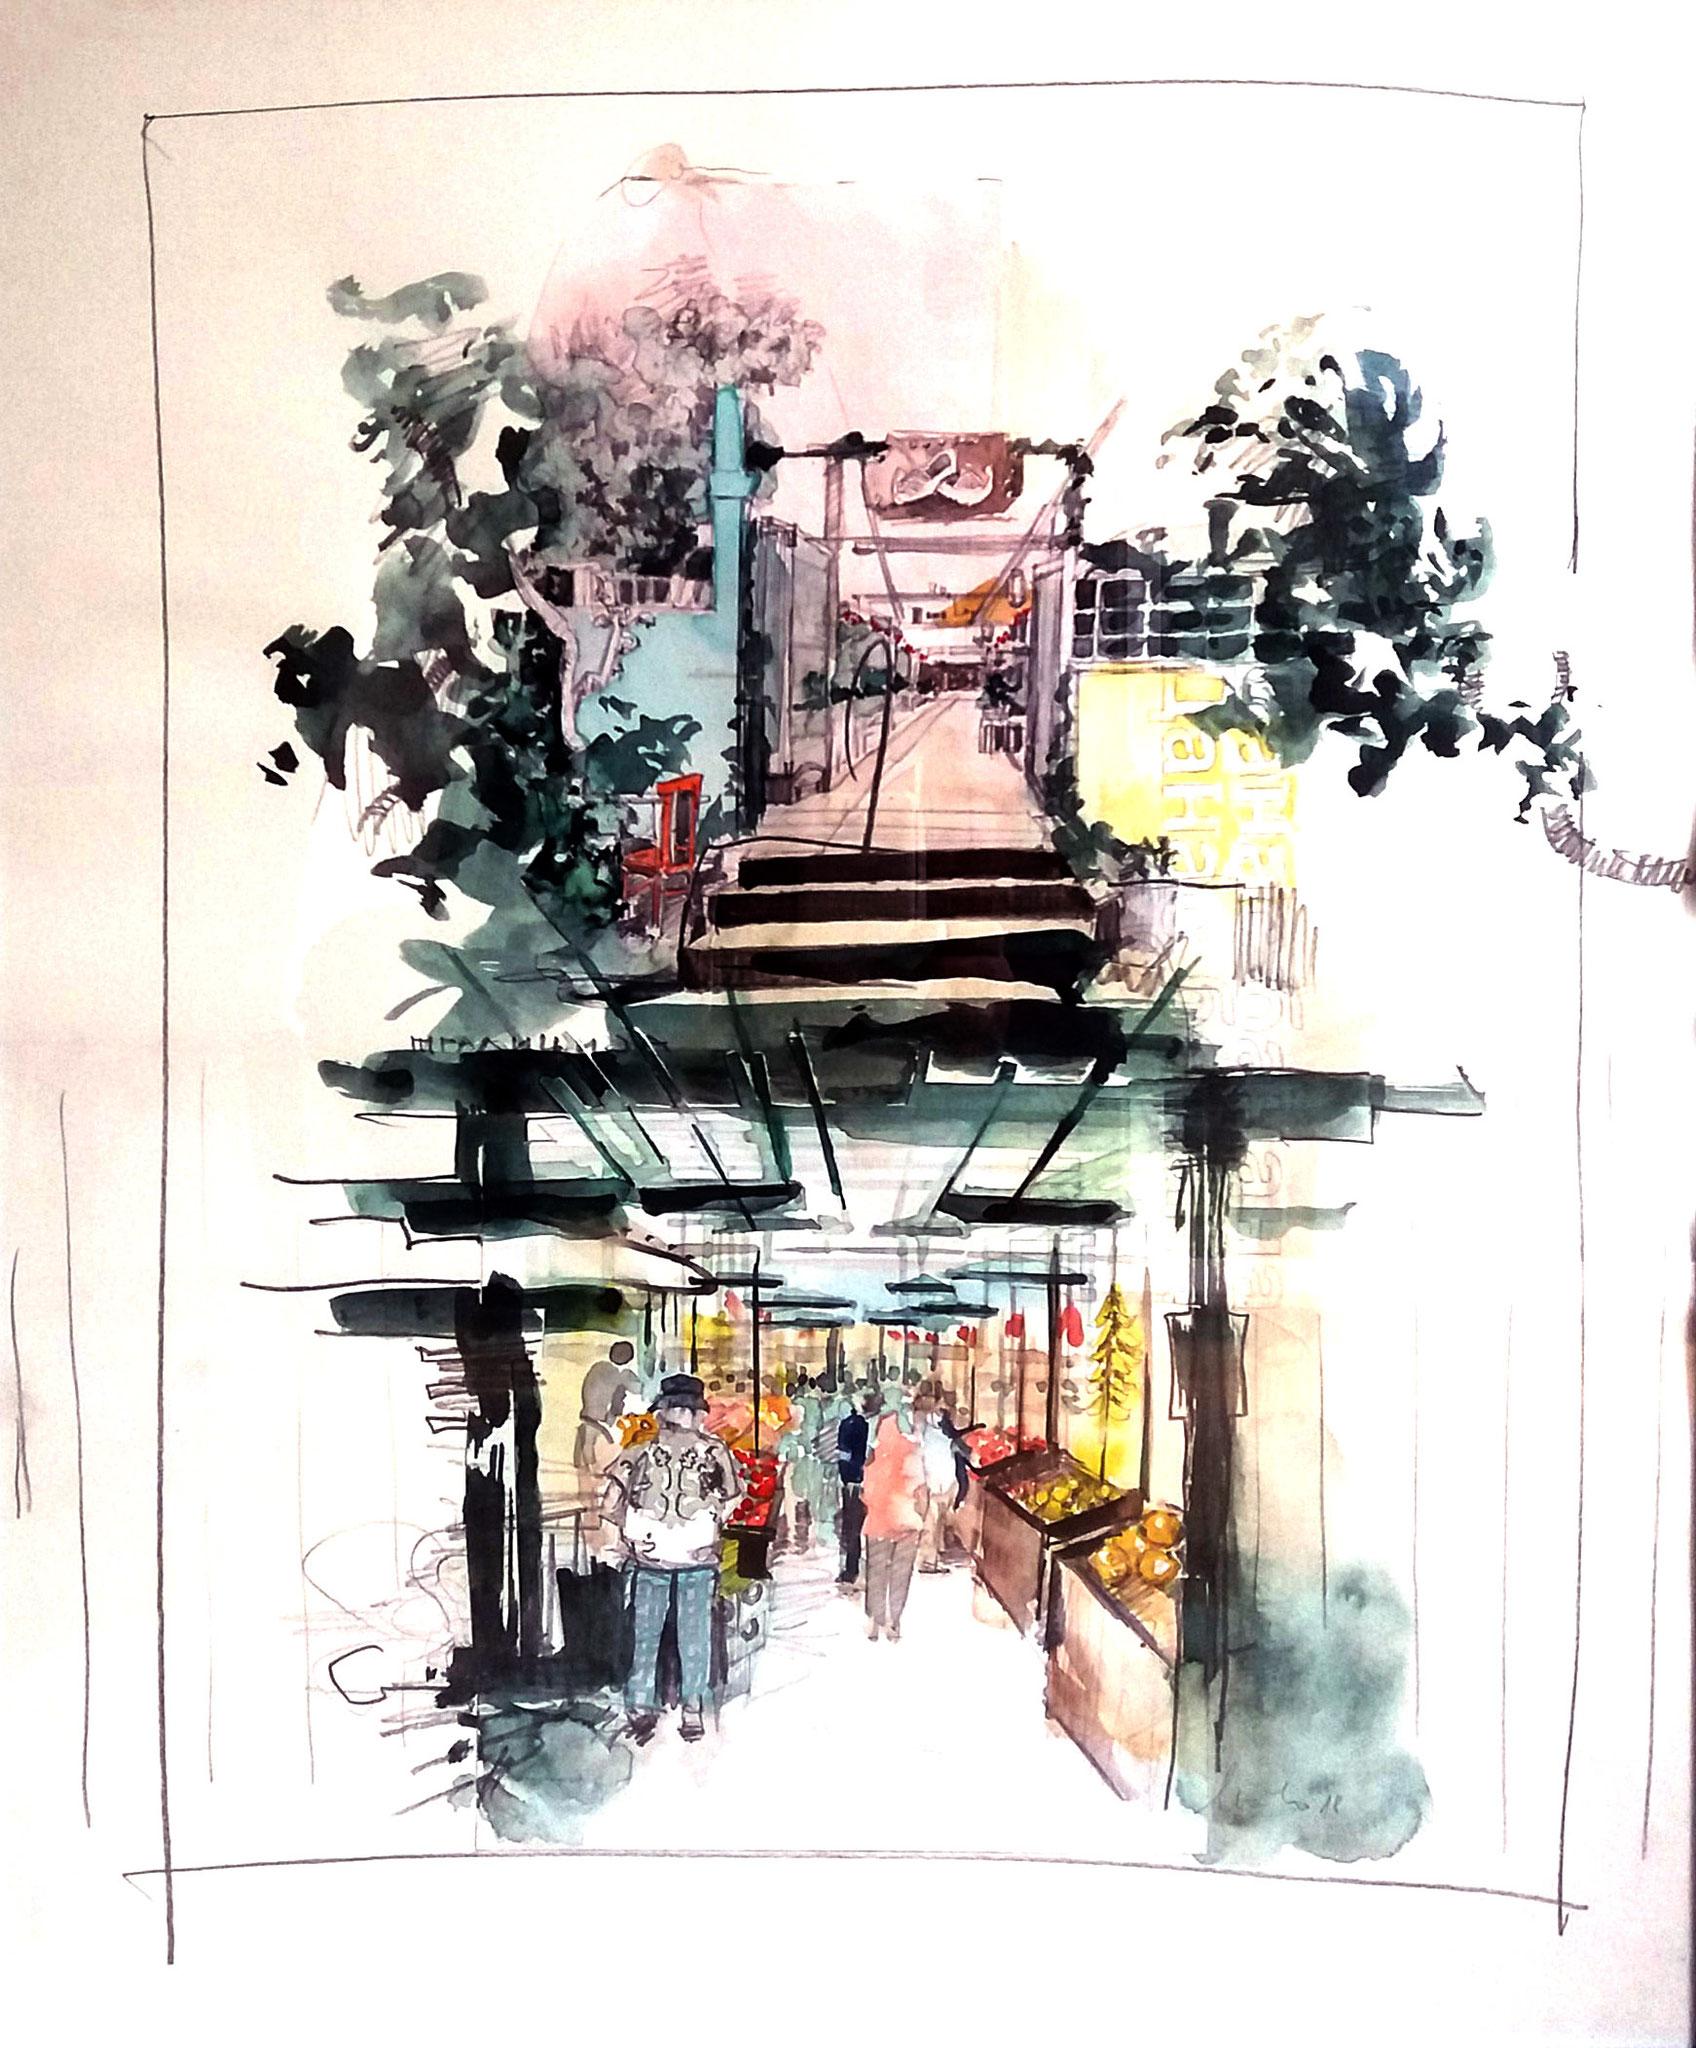 ohne Titel ll, Zeichnung, Mischtechnik auf Papier, 60 x 50